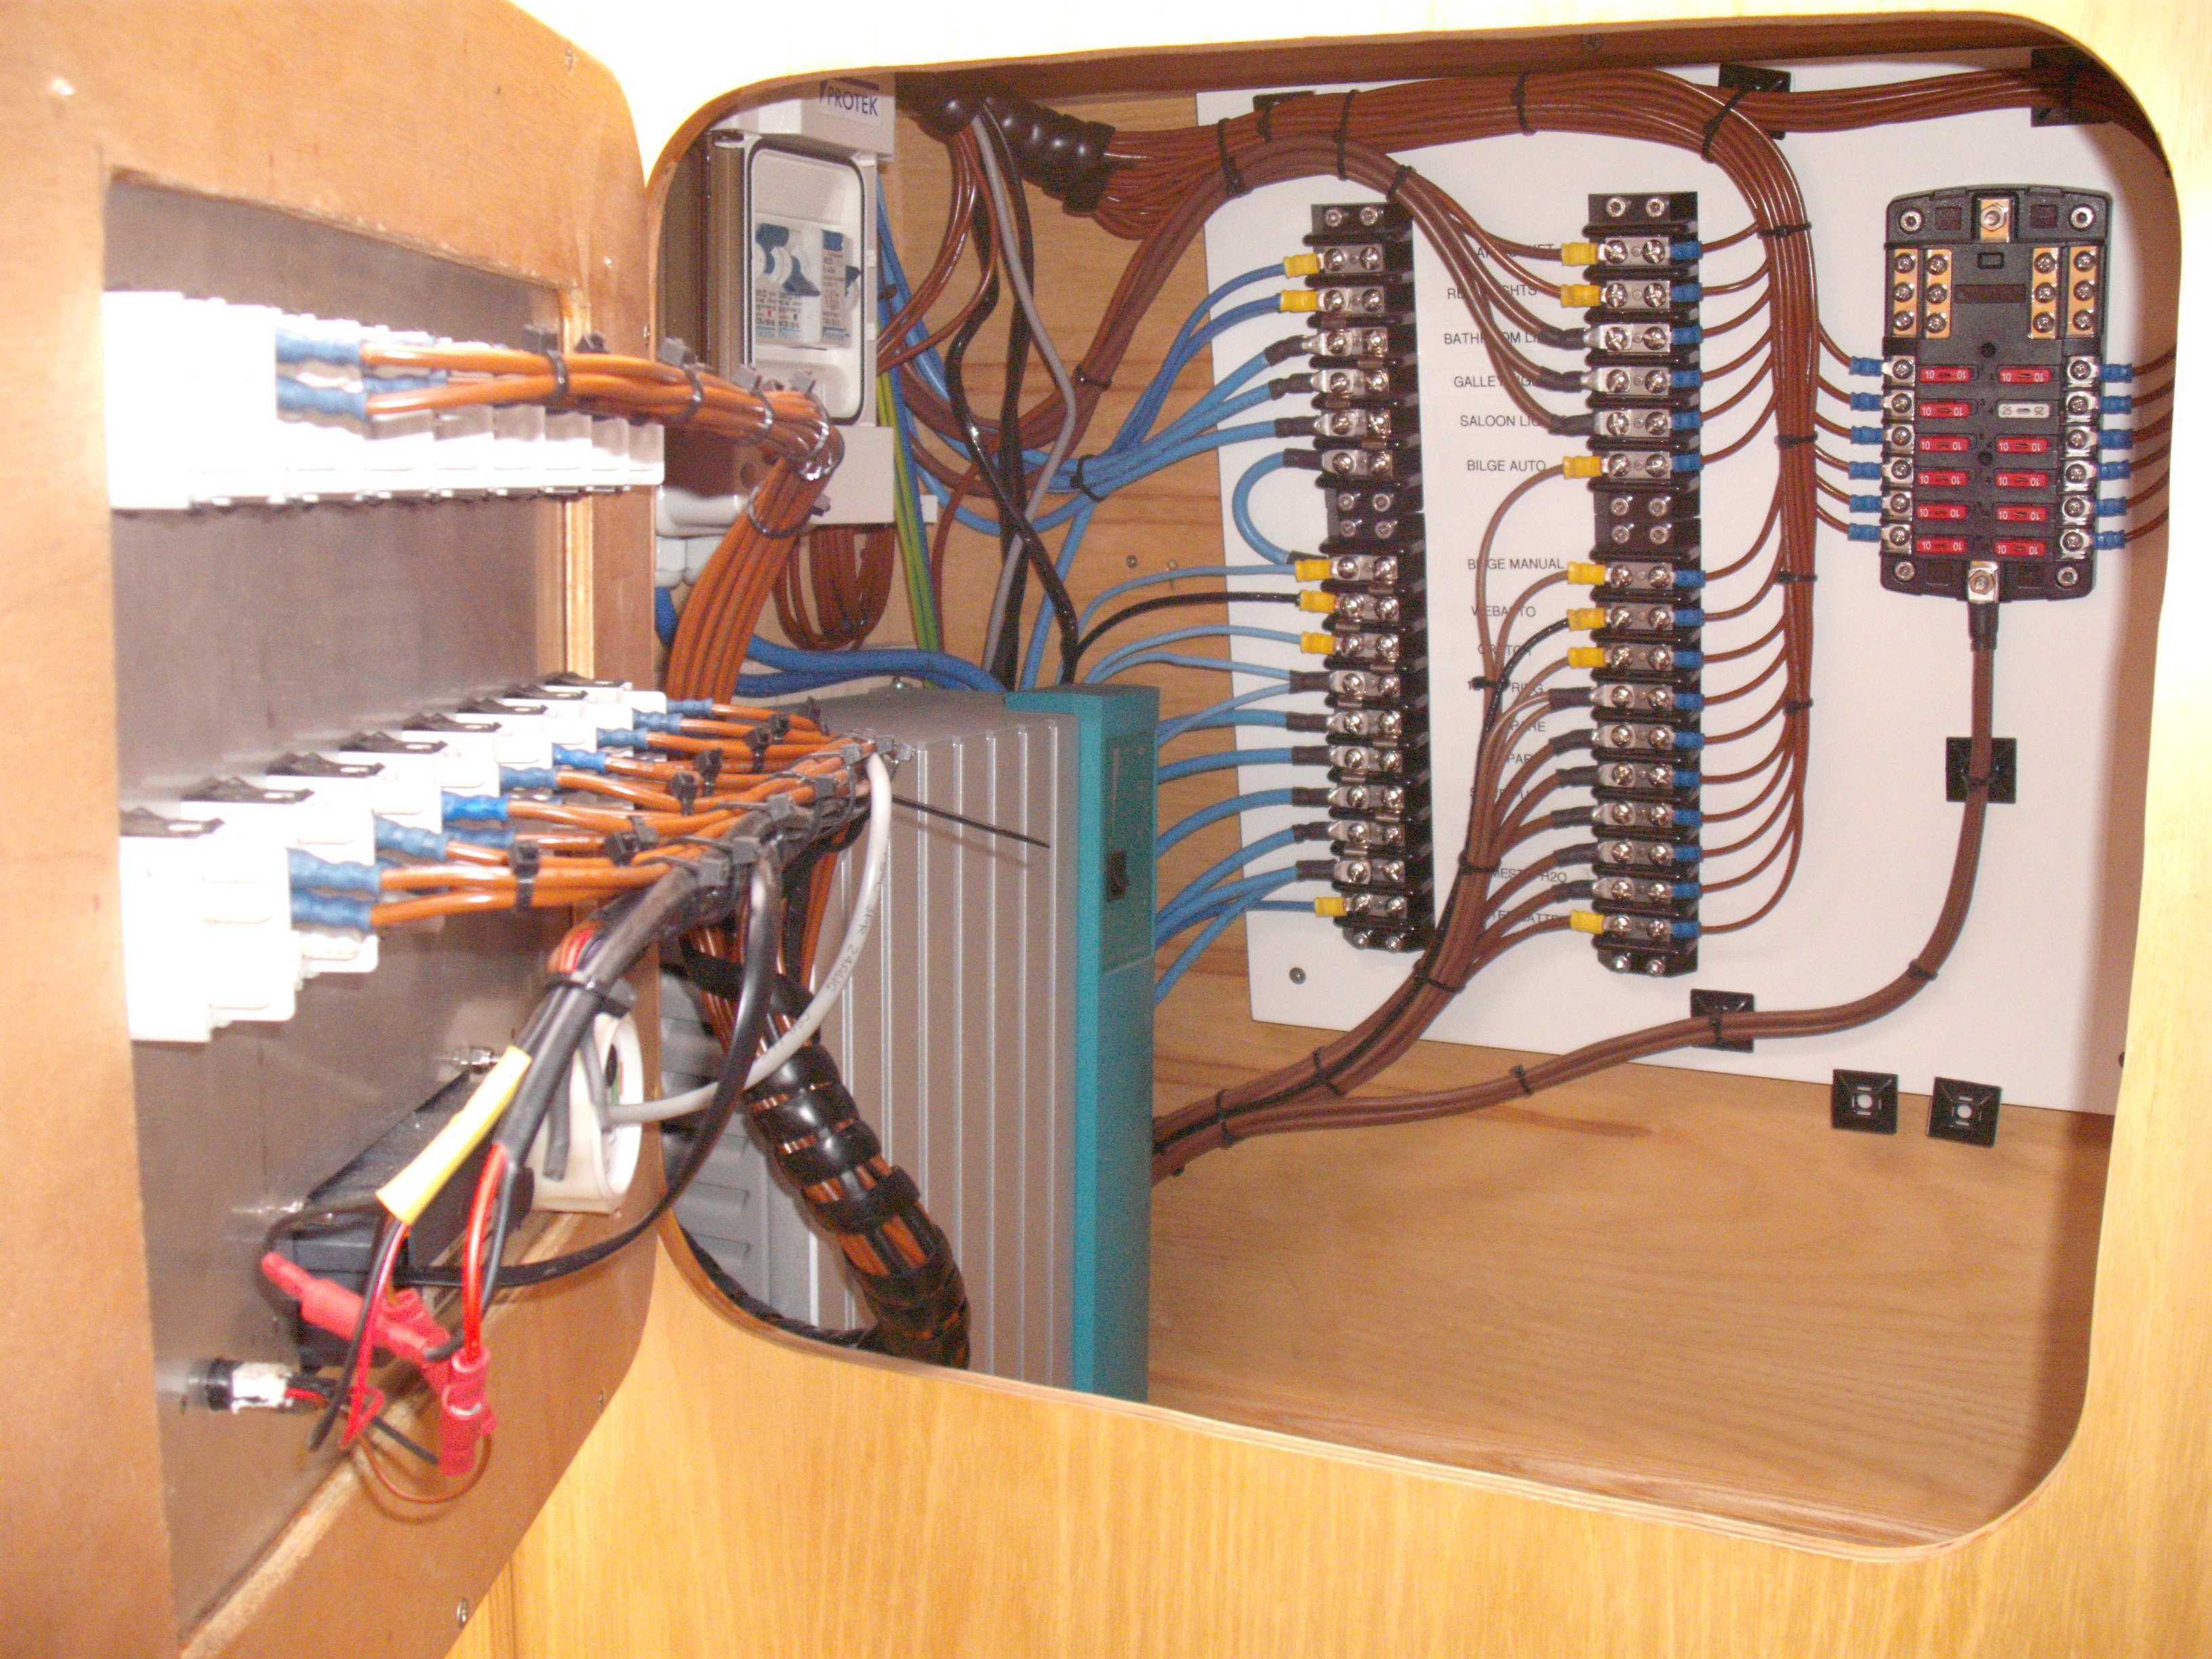 12v Or 240v Wiring  - Boat Building  U0026 Maintenance